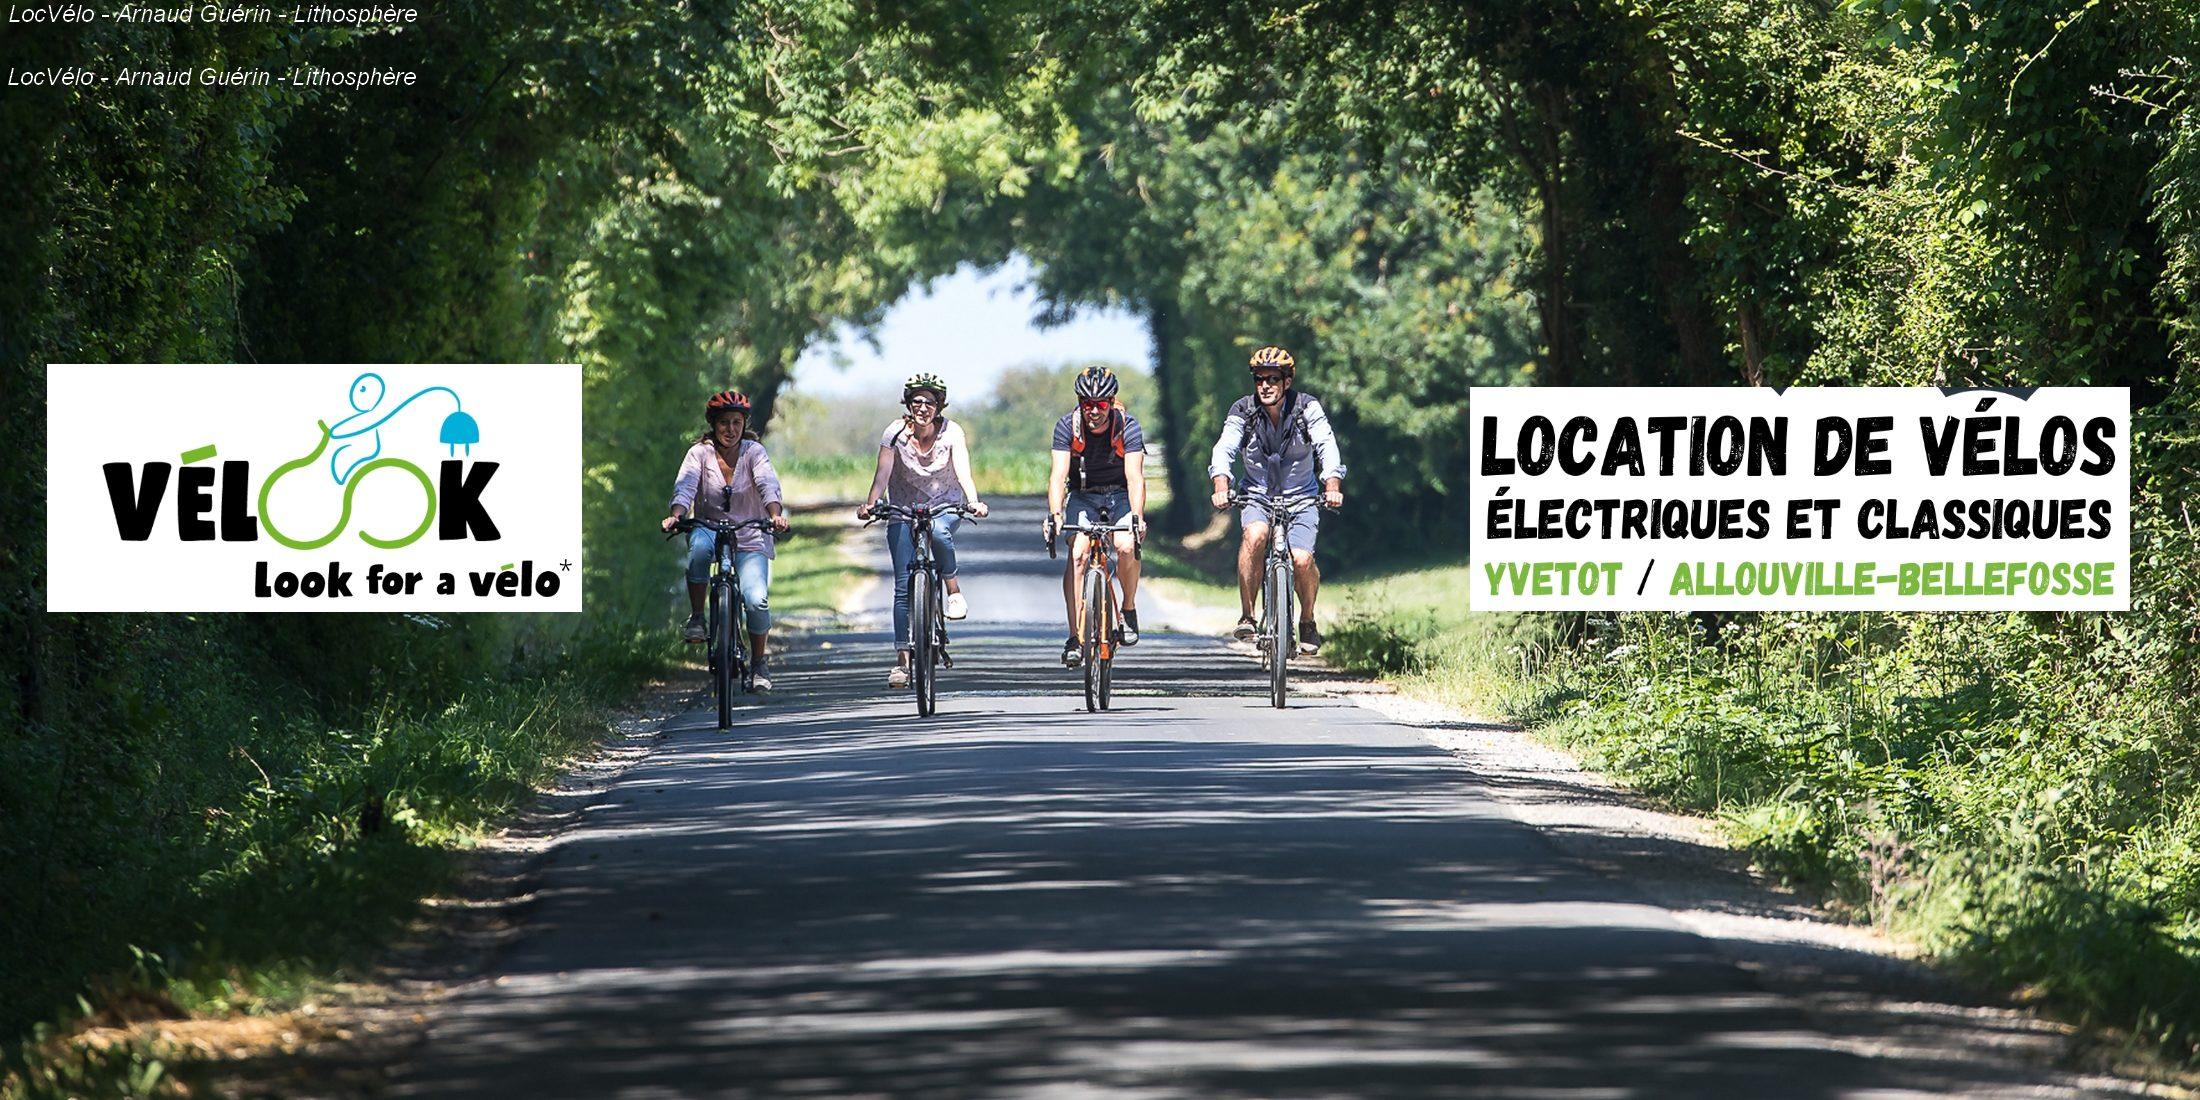 Louez vos vélos pour de belles balades le long de nos routes de campagne